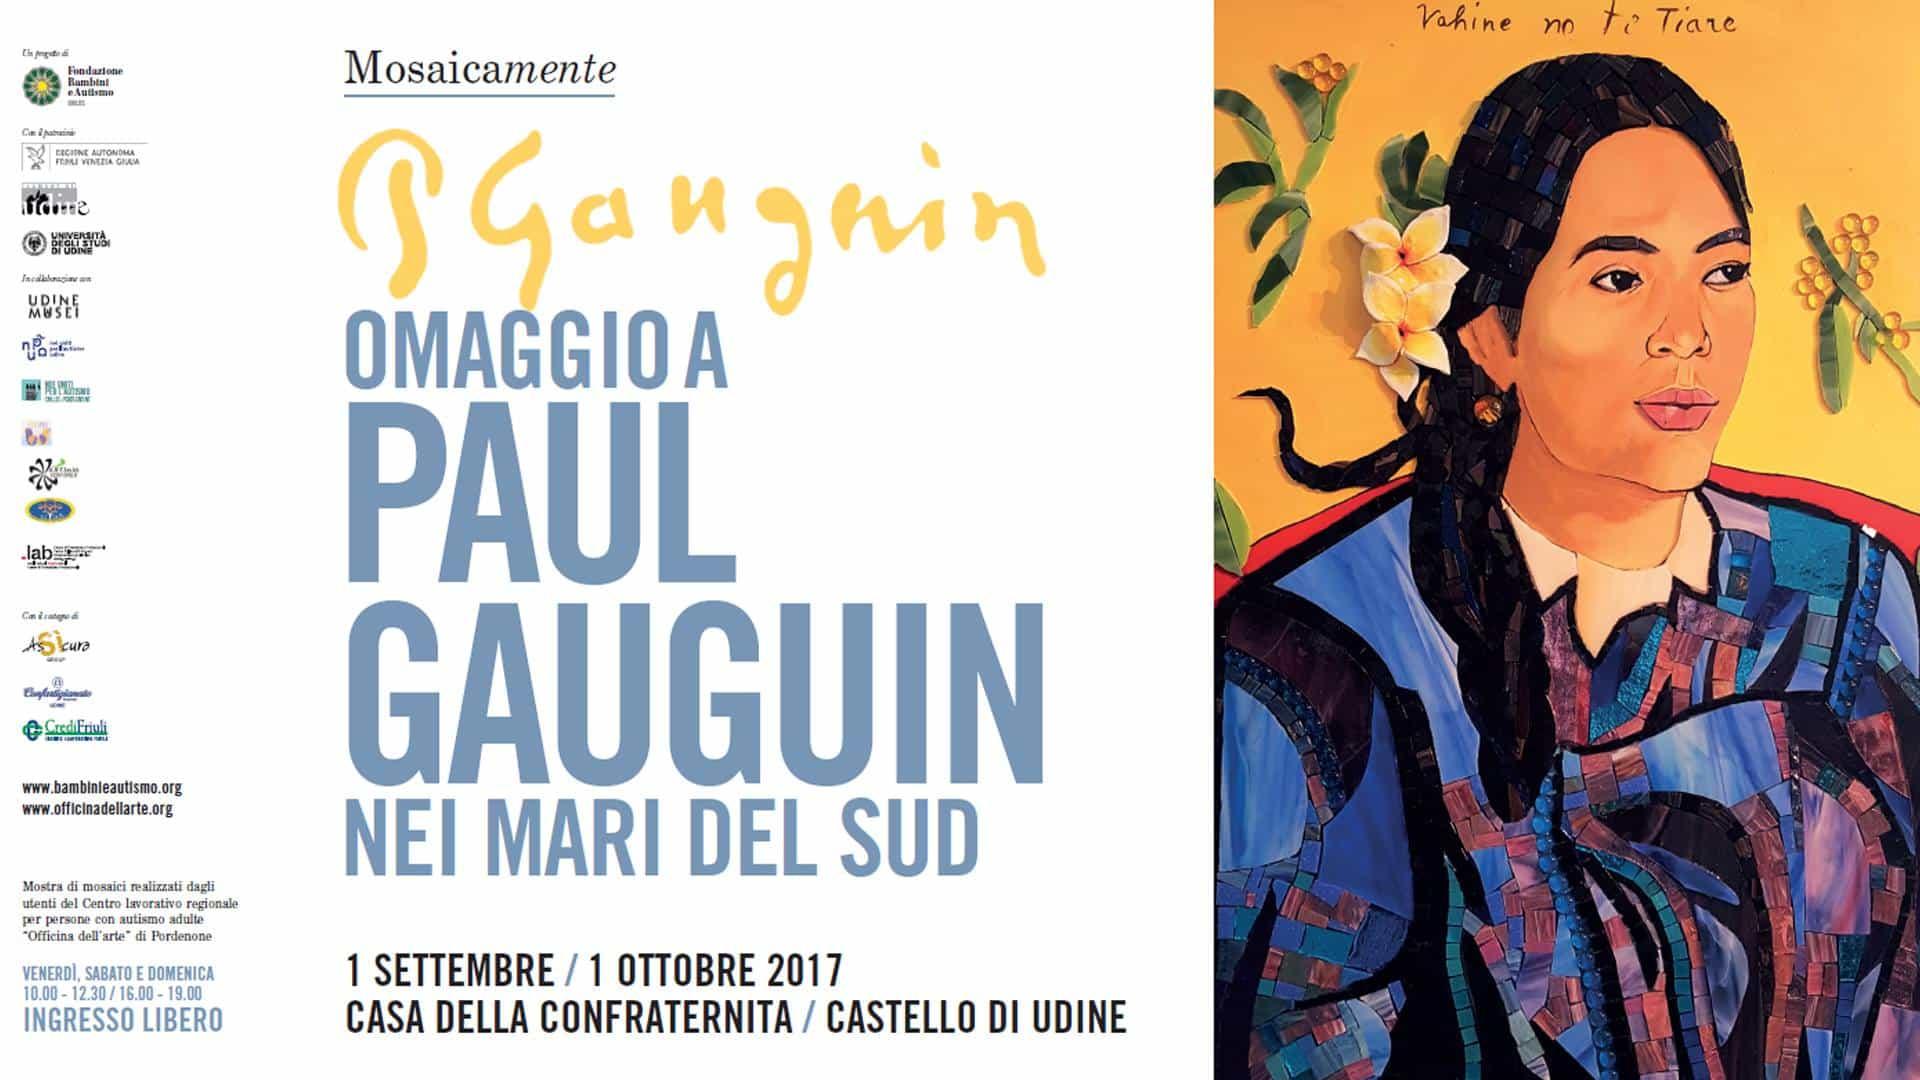 Mosaicamente omaggio a paul gauguin art hotel udine for Casa moderna udine 2017 orari